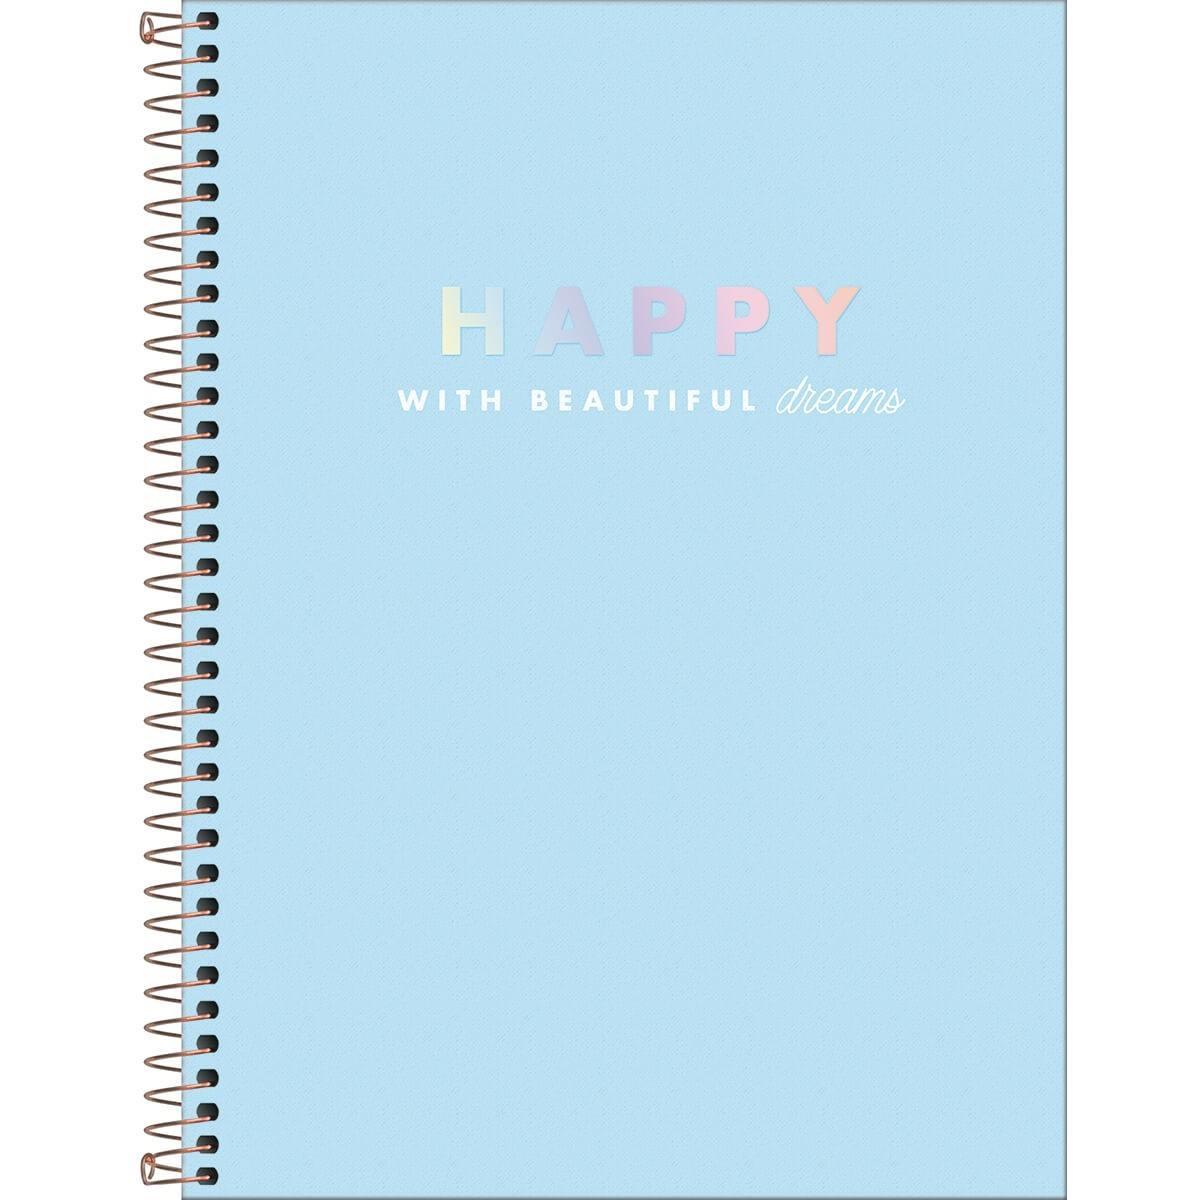 Caderno Espiral Capa Dura Universitário 16 Matérias Happy 256 Fls - Tilibra